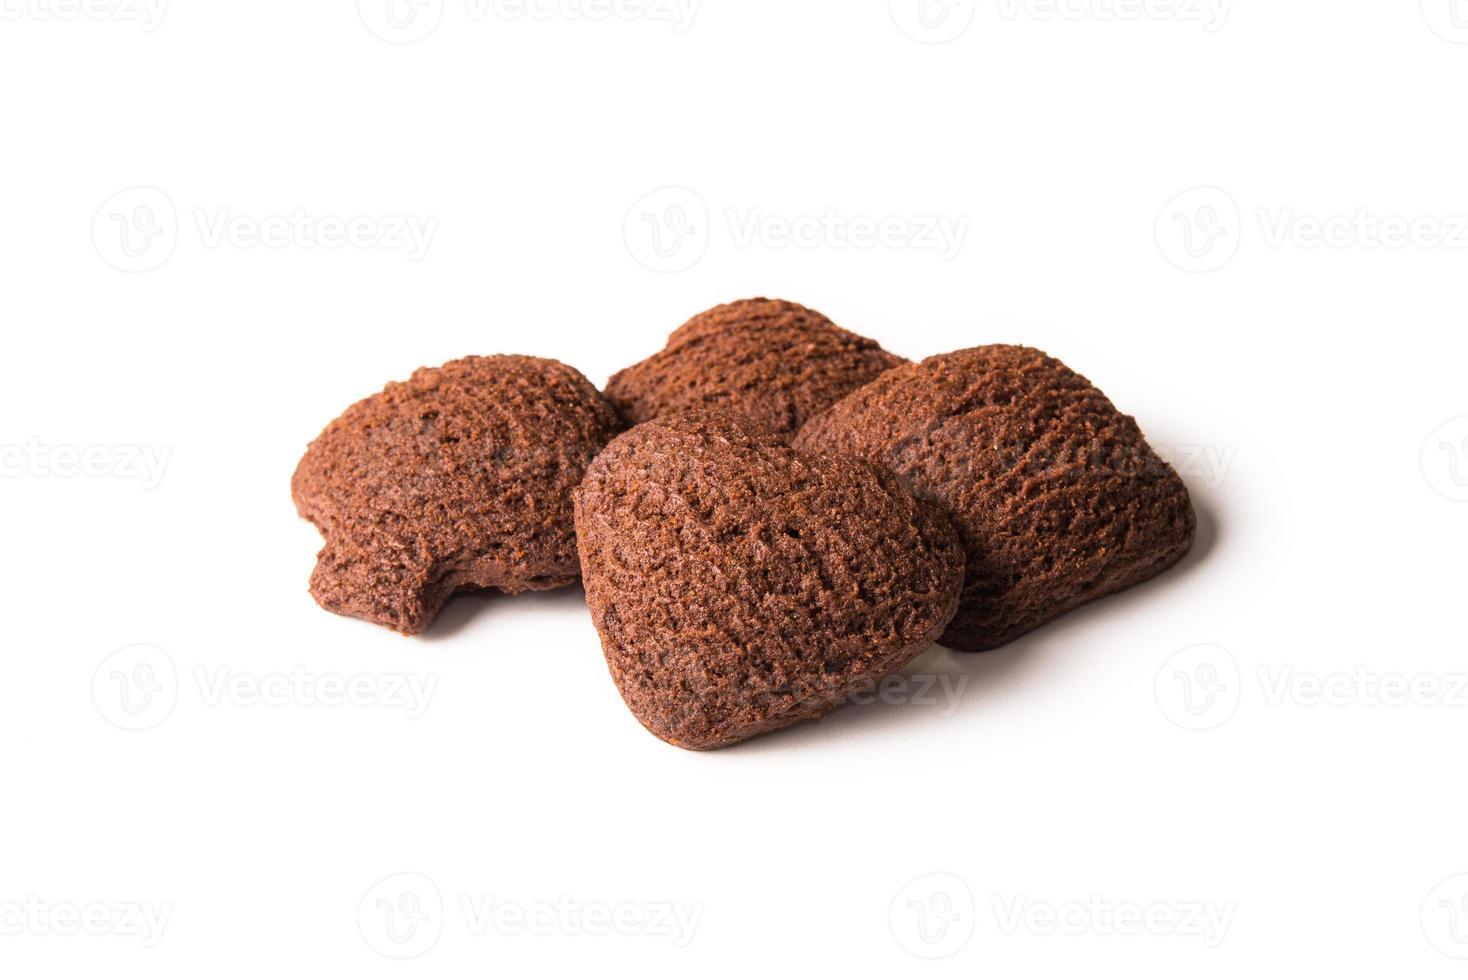 gebackene Kekse foto